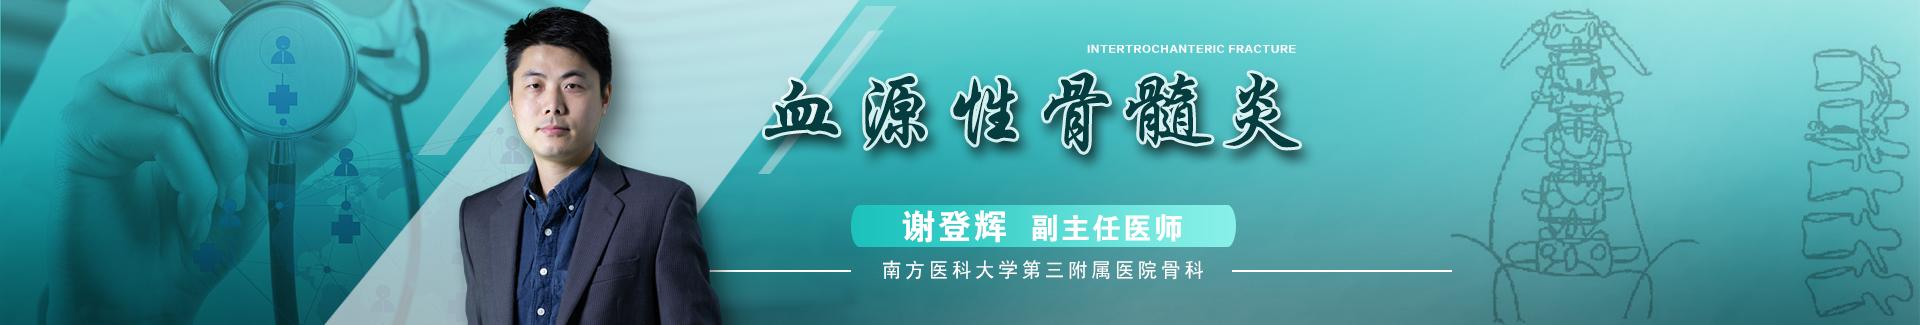 谢登辉:血源性骨髓炎